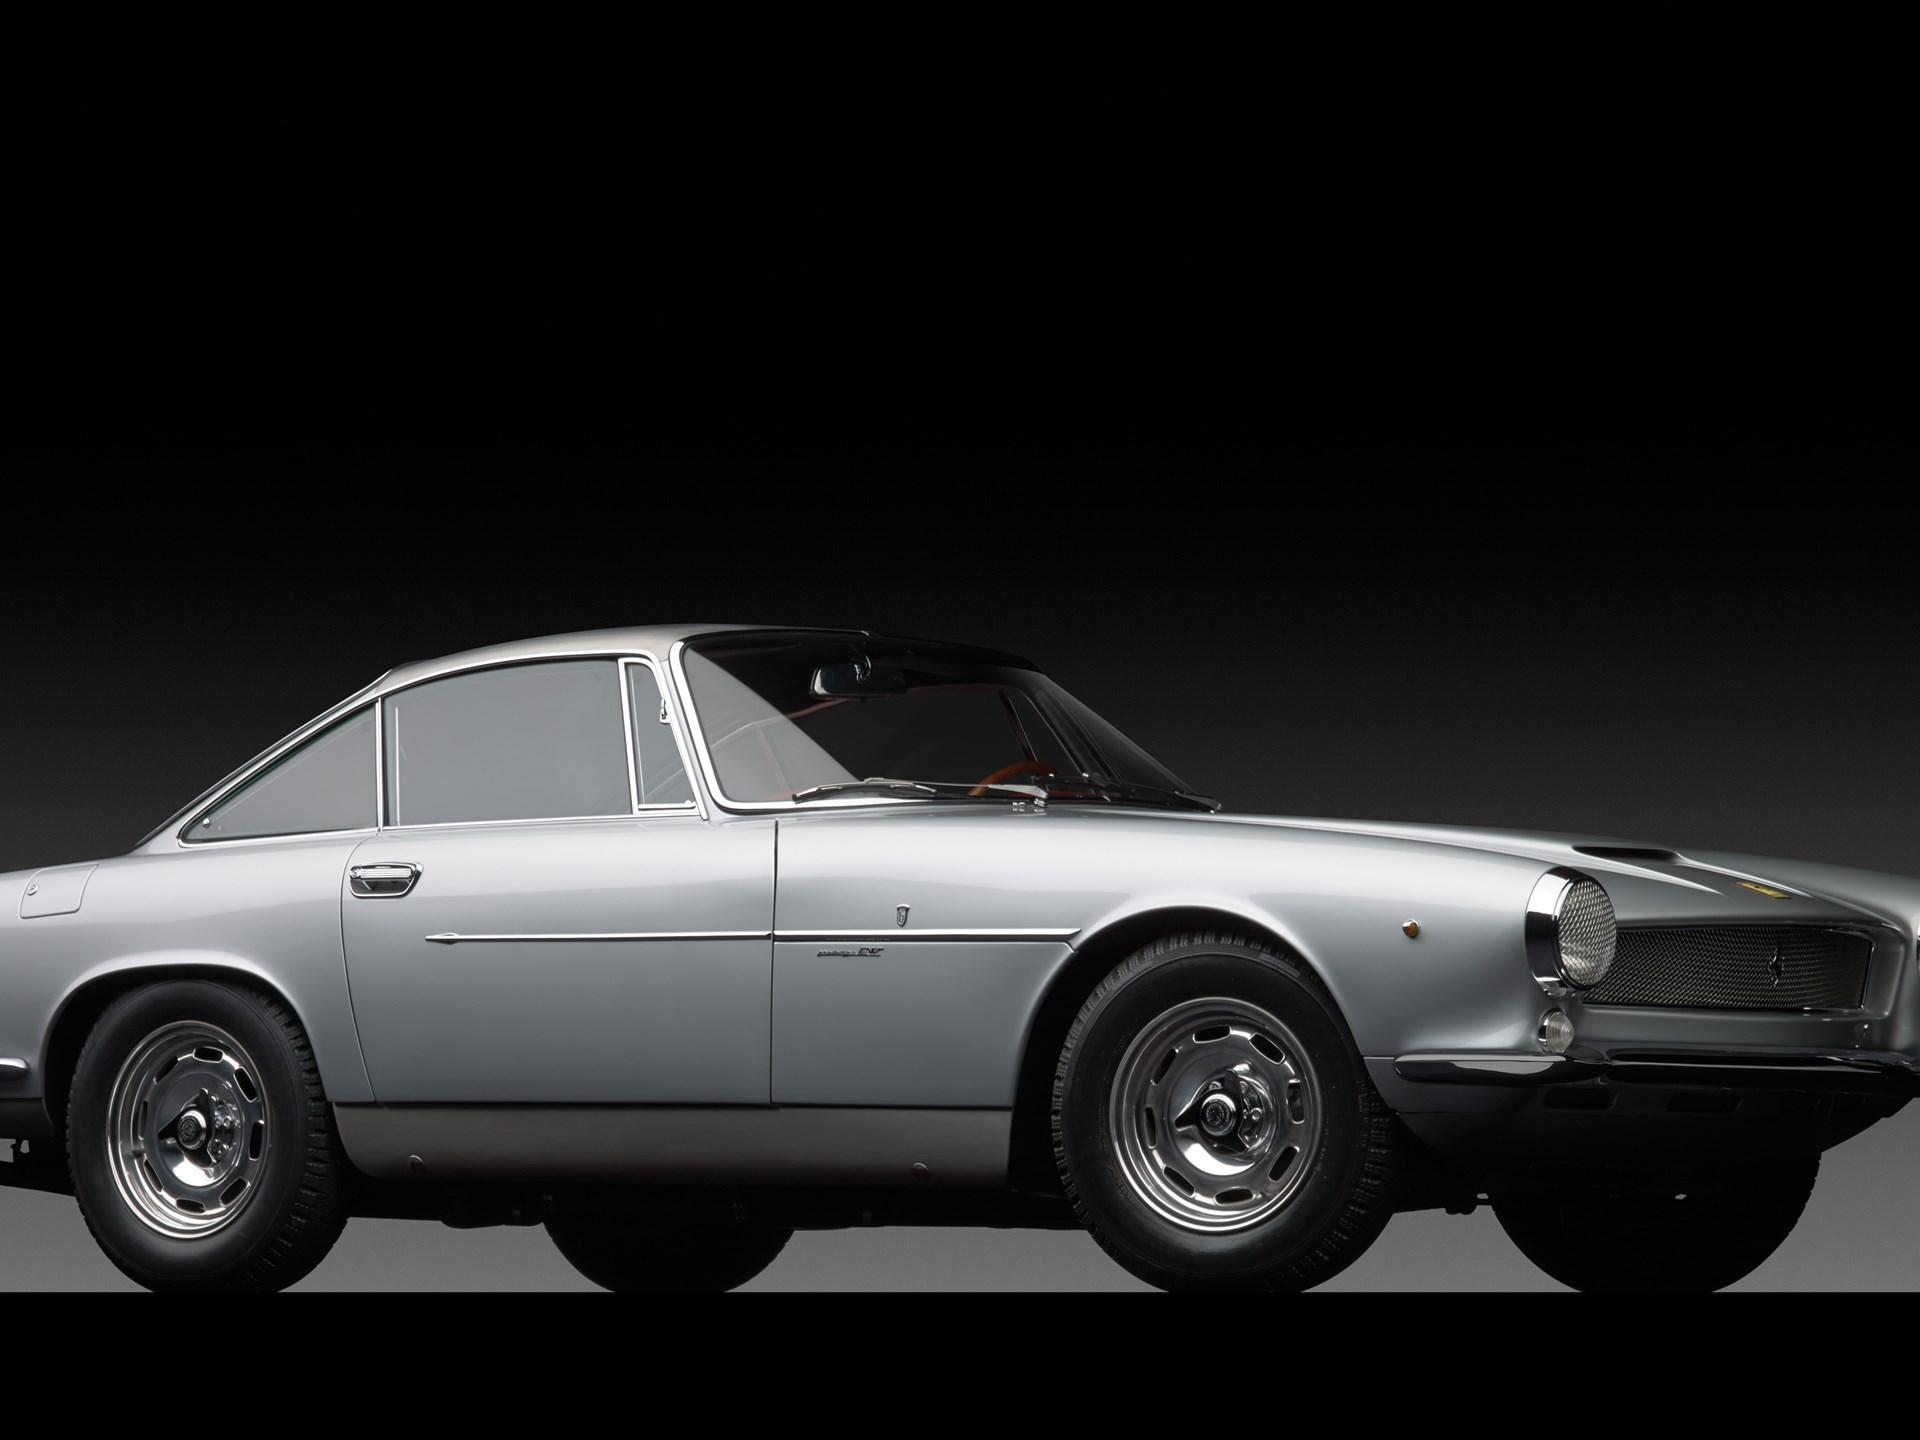 """1959 Ferrari 250 GT SWB """"Competition"""" Berlinetta Speciale by Carrozzeria Bertone"""